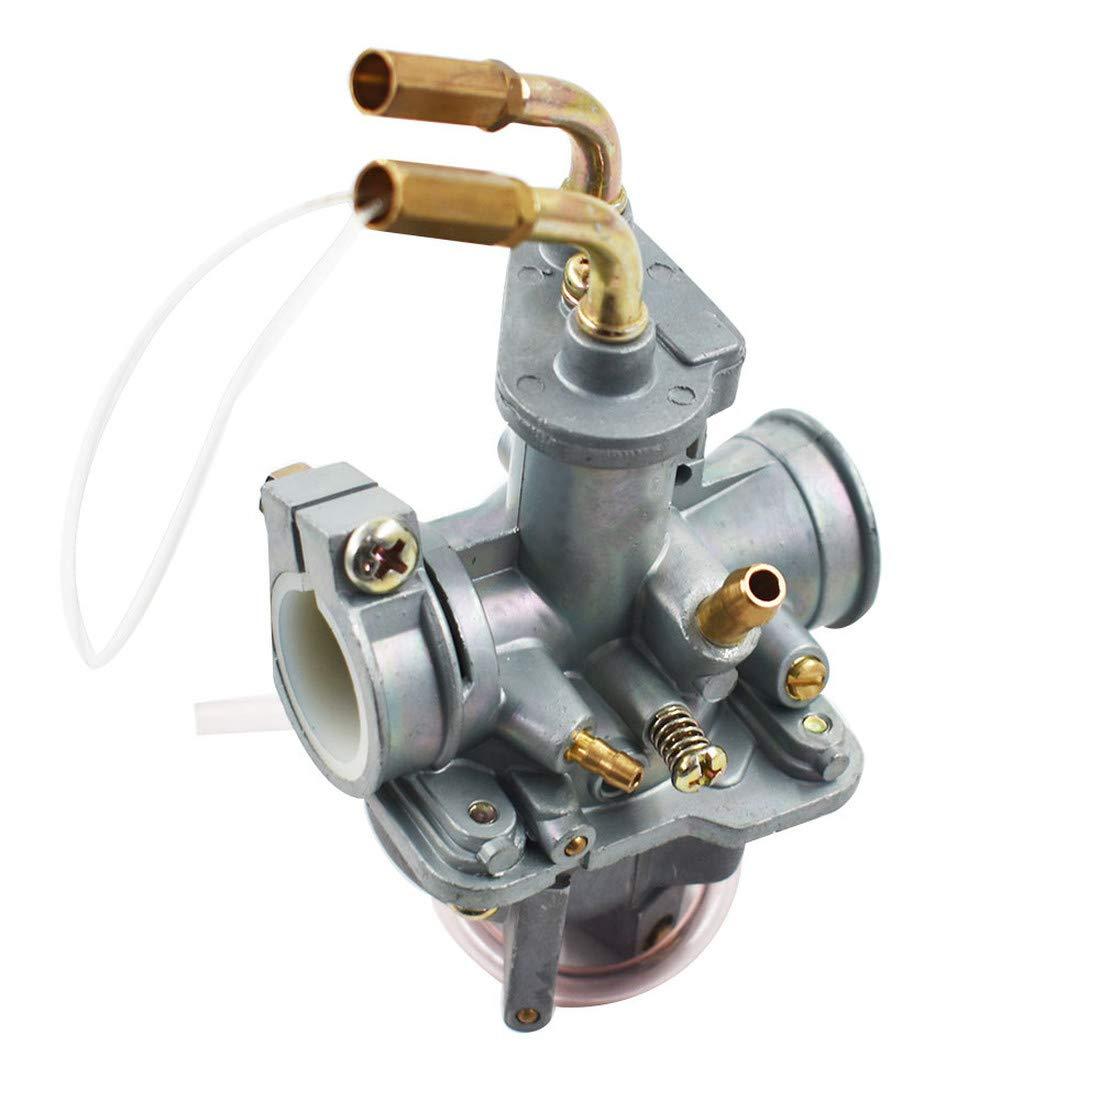 Fuel System Motors WFLNHB Carburetor Carb Air Filter Throttle ...